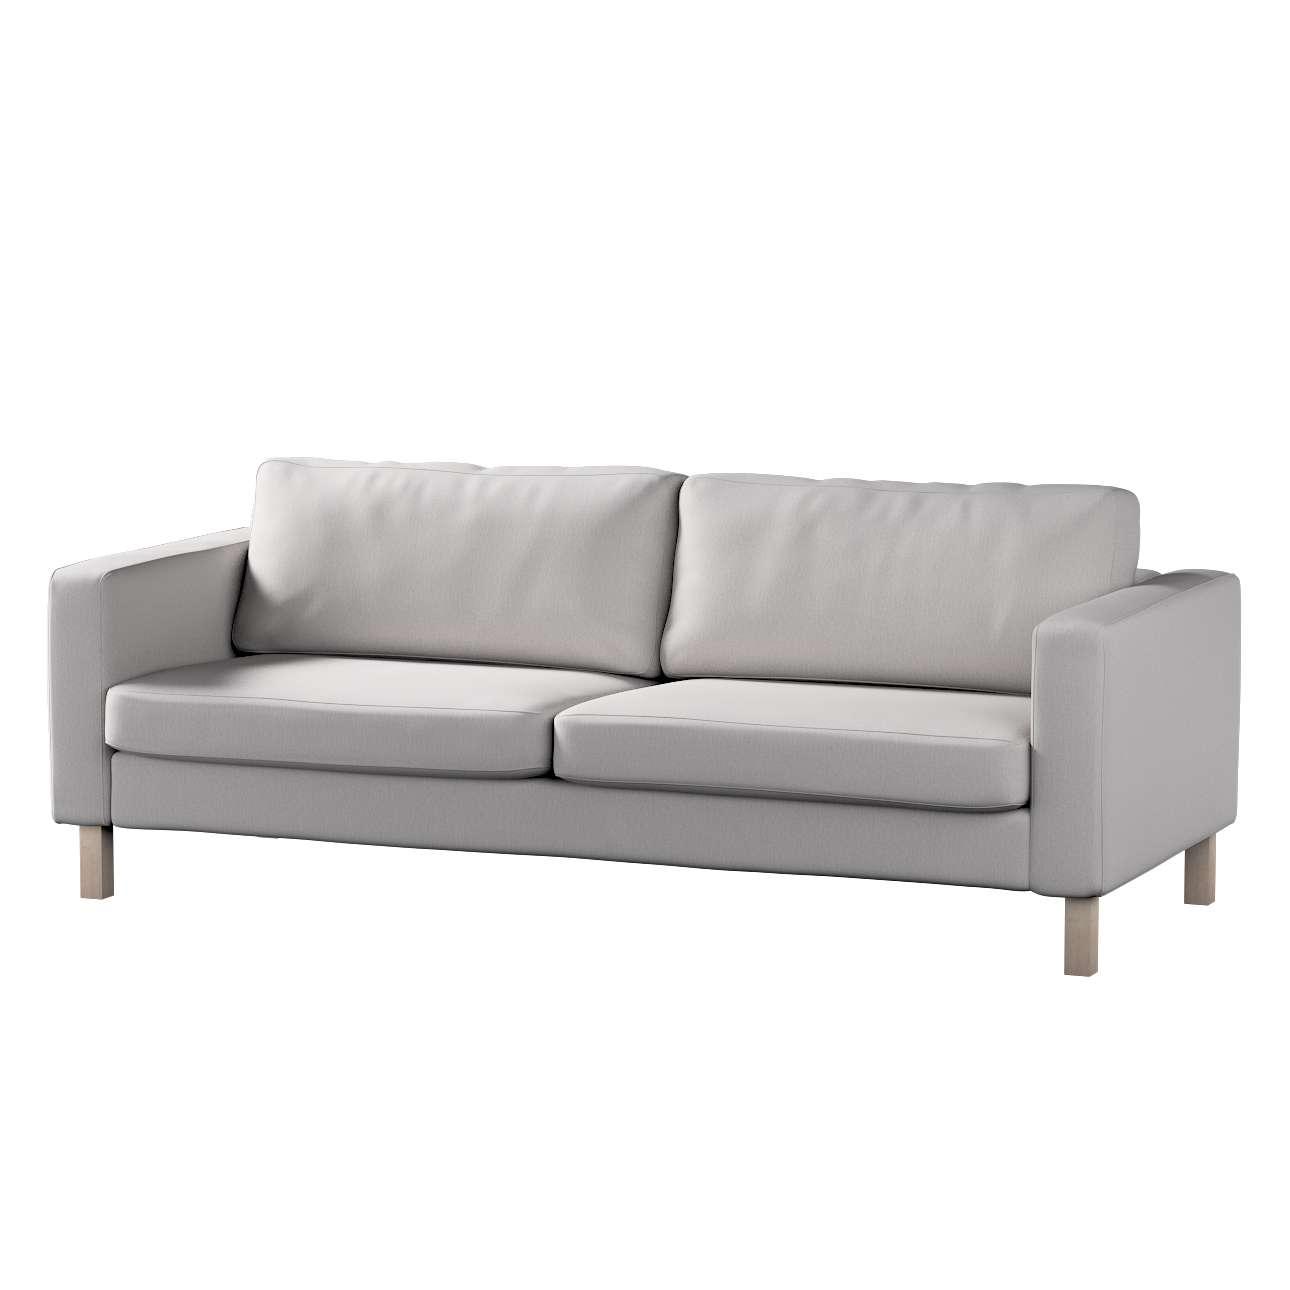 Pokrowiec na sofę Karlstad 3-osobową nierozkładaną, krótki Sofa Karlstad 3-osobowa w kolekcji Chenille, tkanina: 702-23